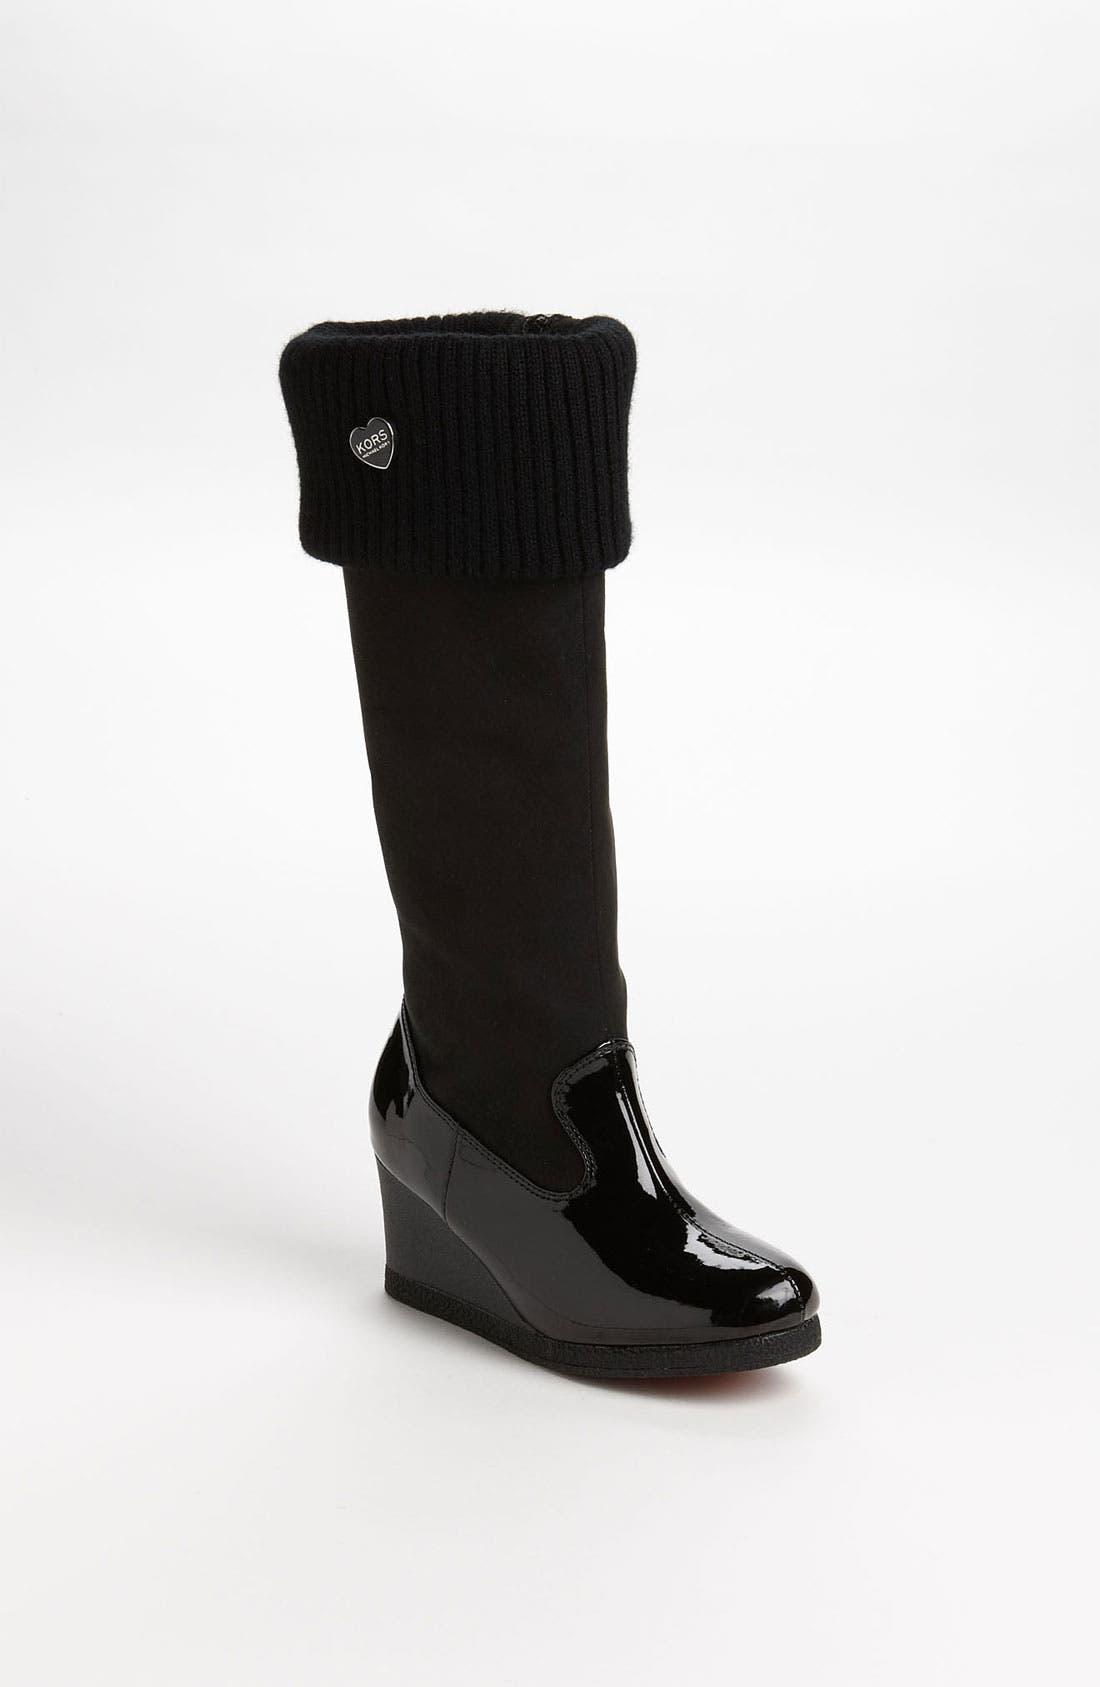 Main Image - KORS Michael Kors 'Pavia' Boot (Little Kid & Big Kid)